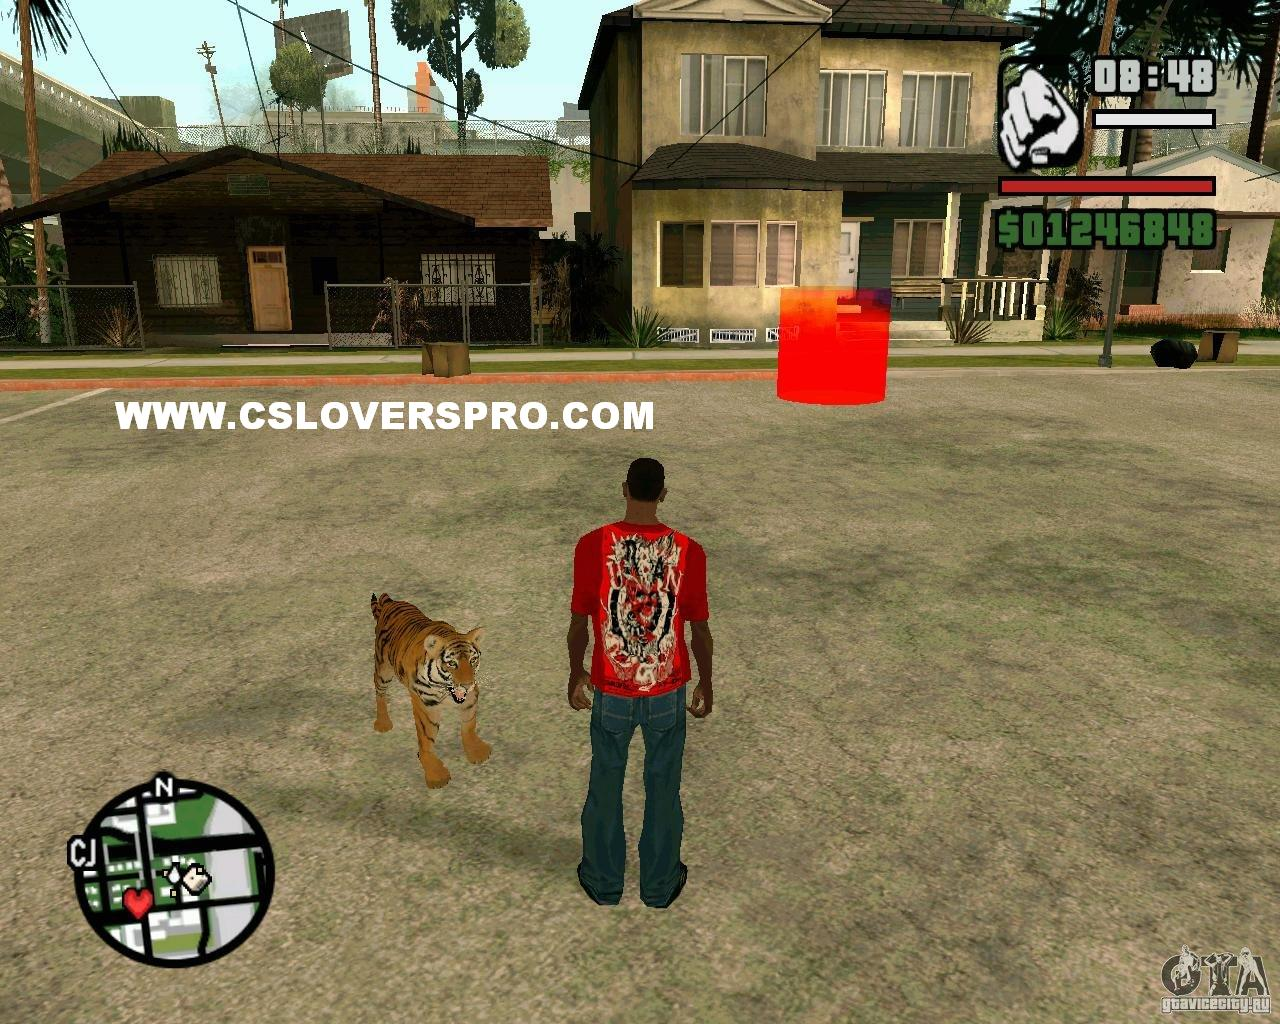 Free download Gta 5 Pc Game Download Full Version Windows 7